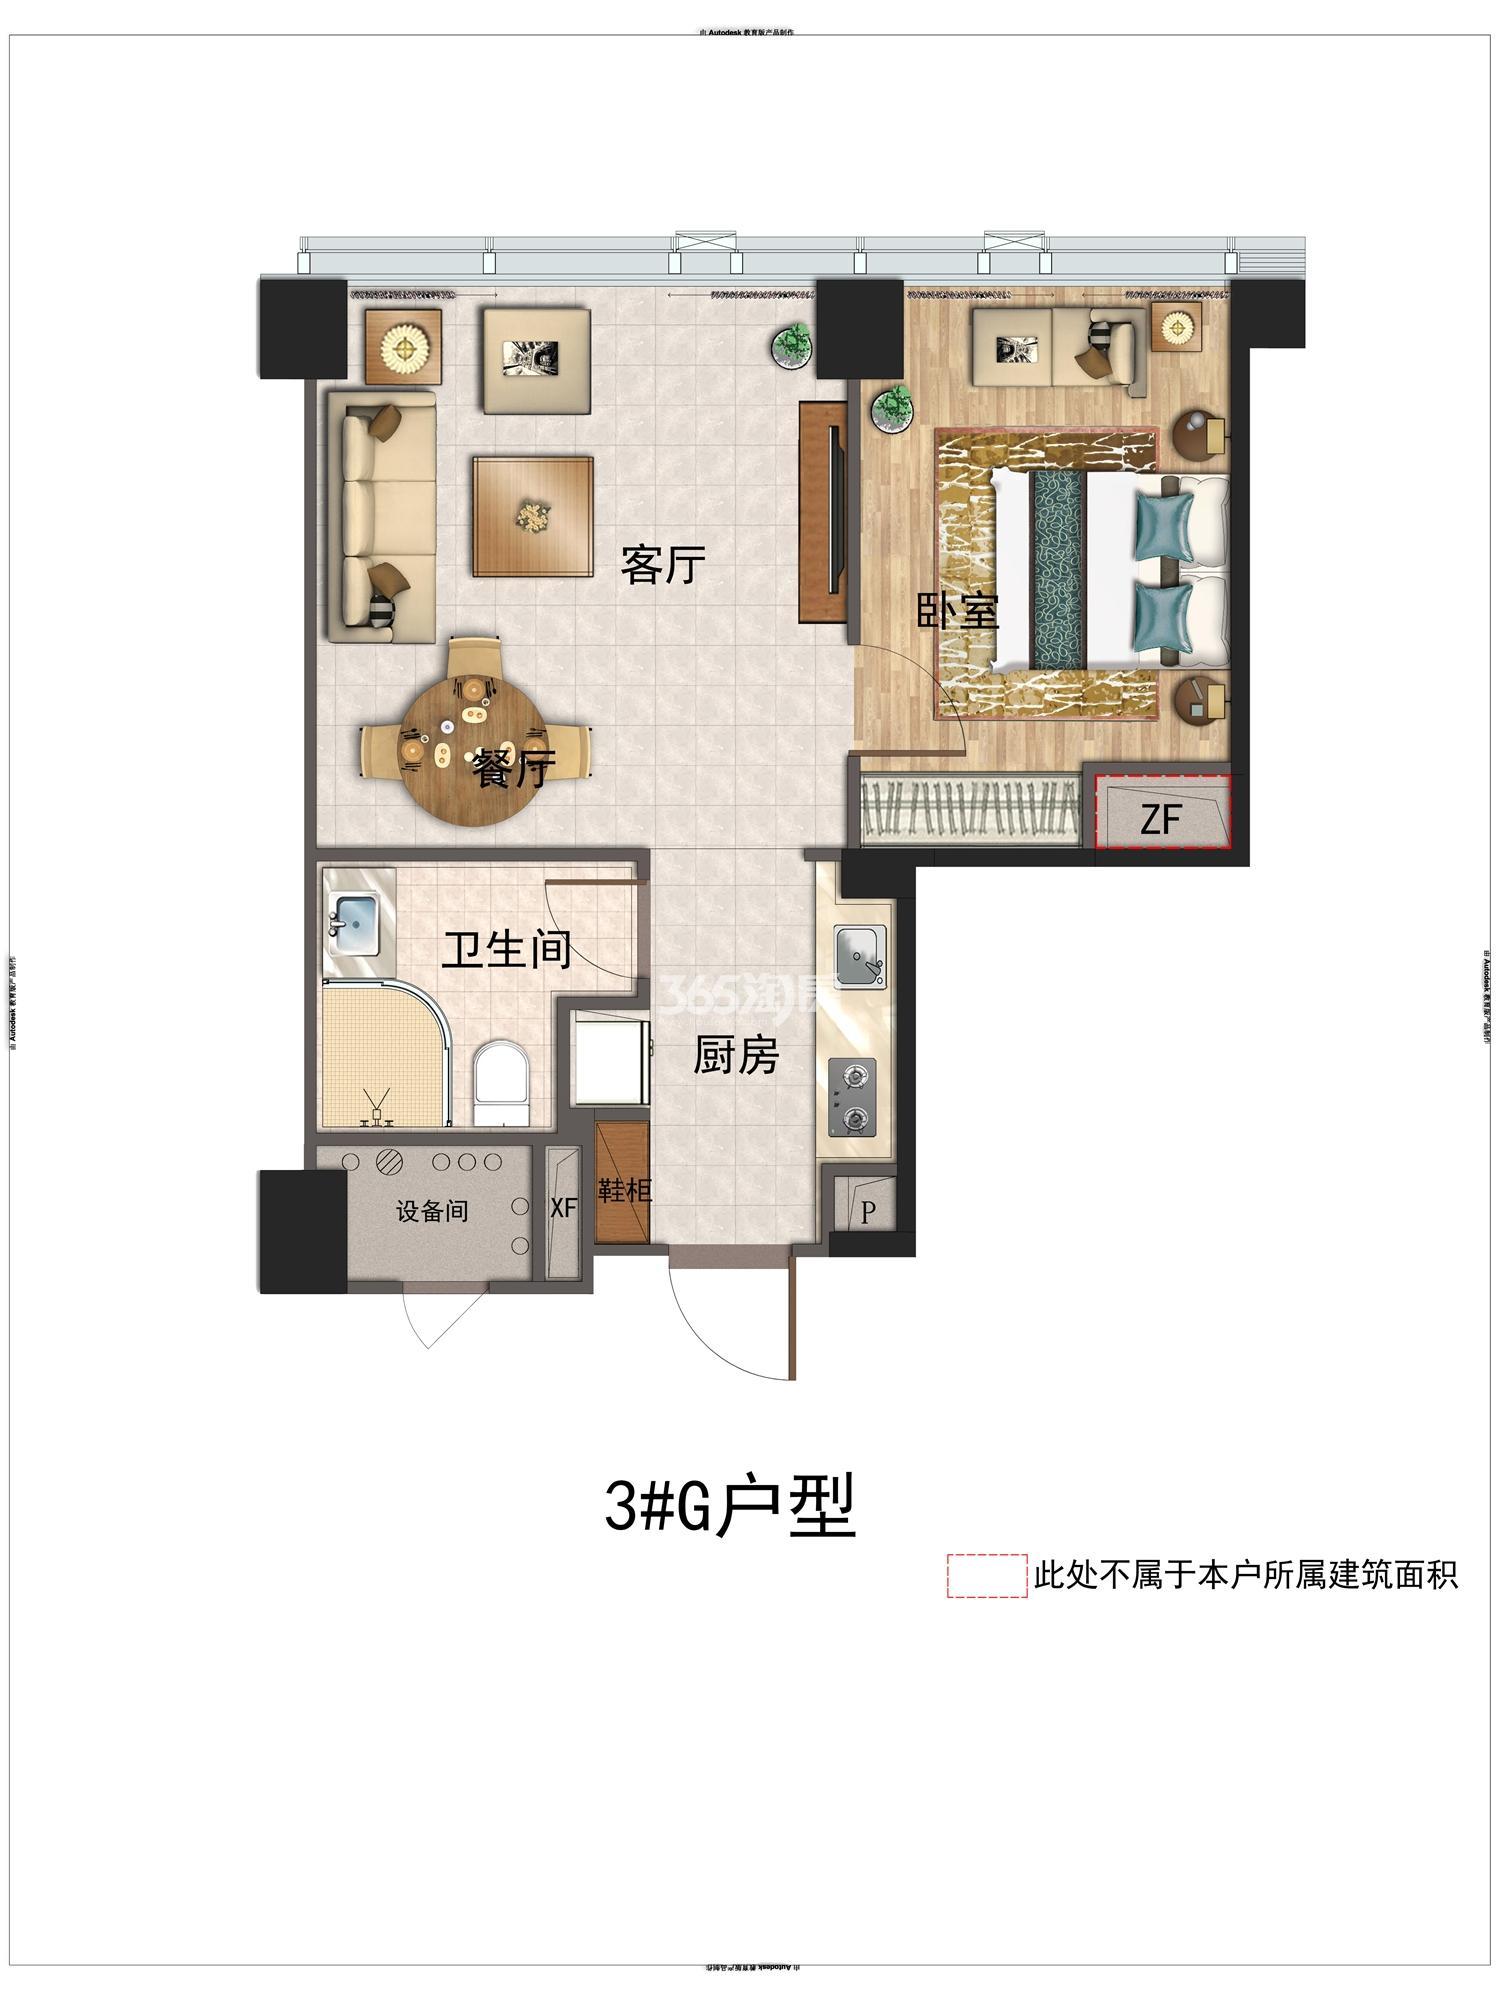 碧桂园深蓝国际G户型76方(3#)